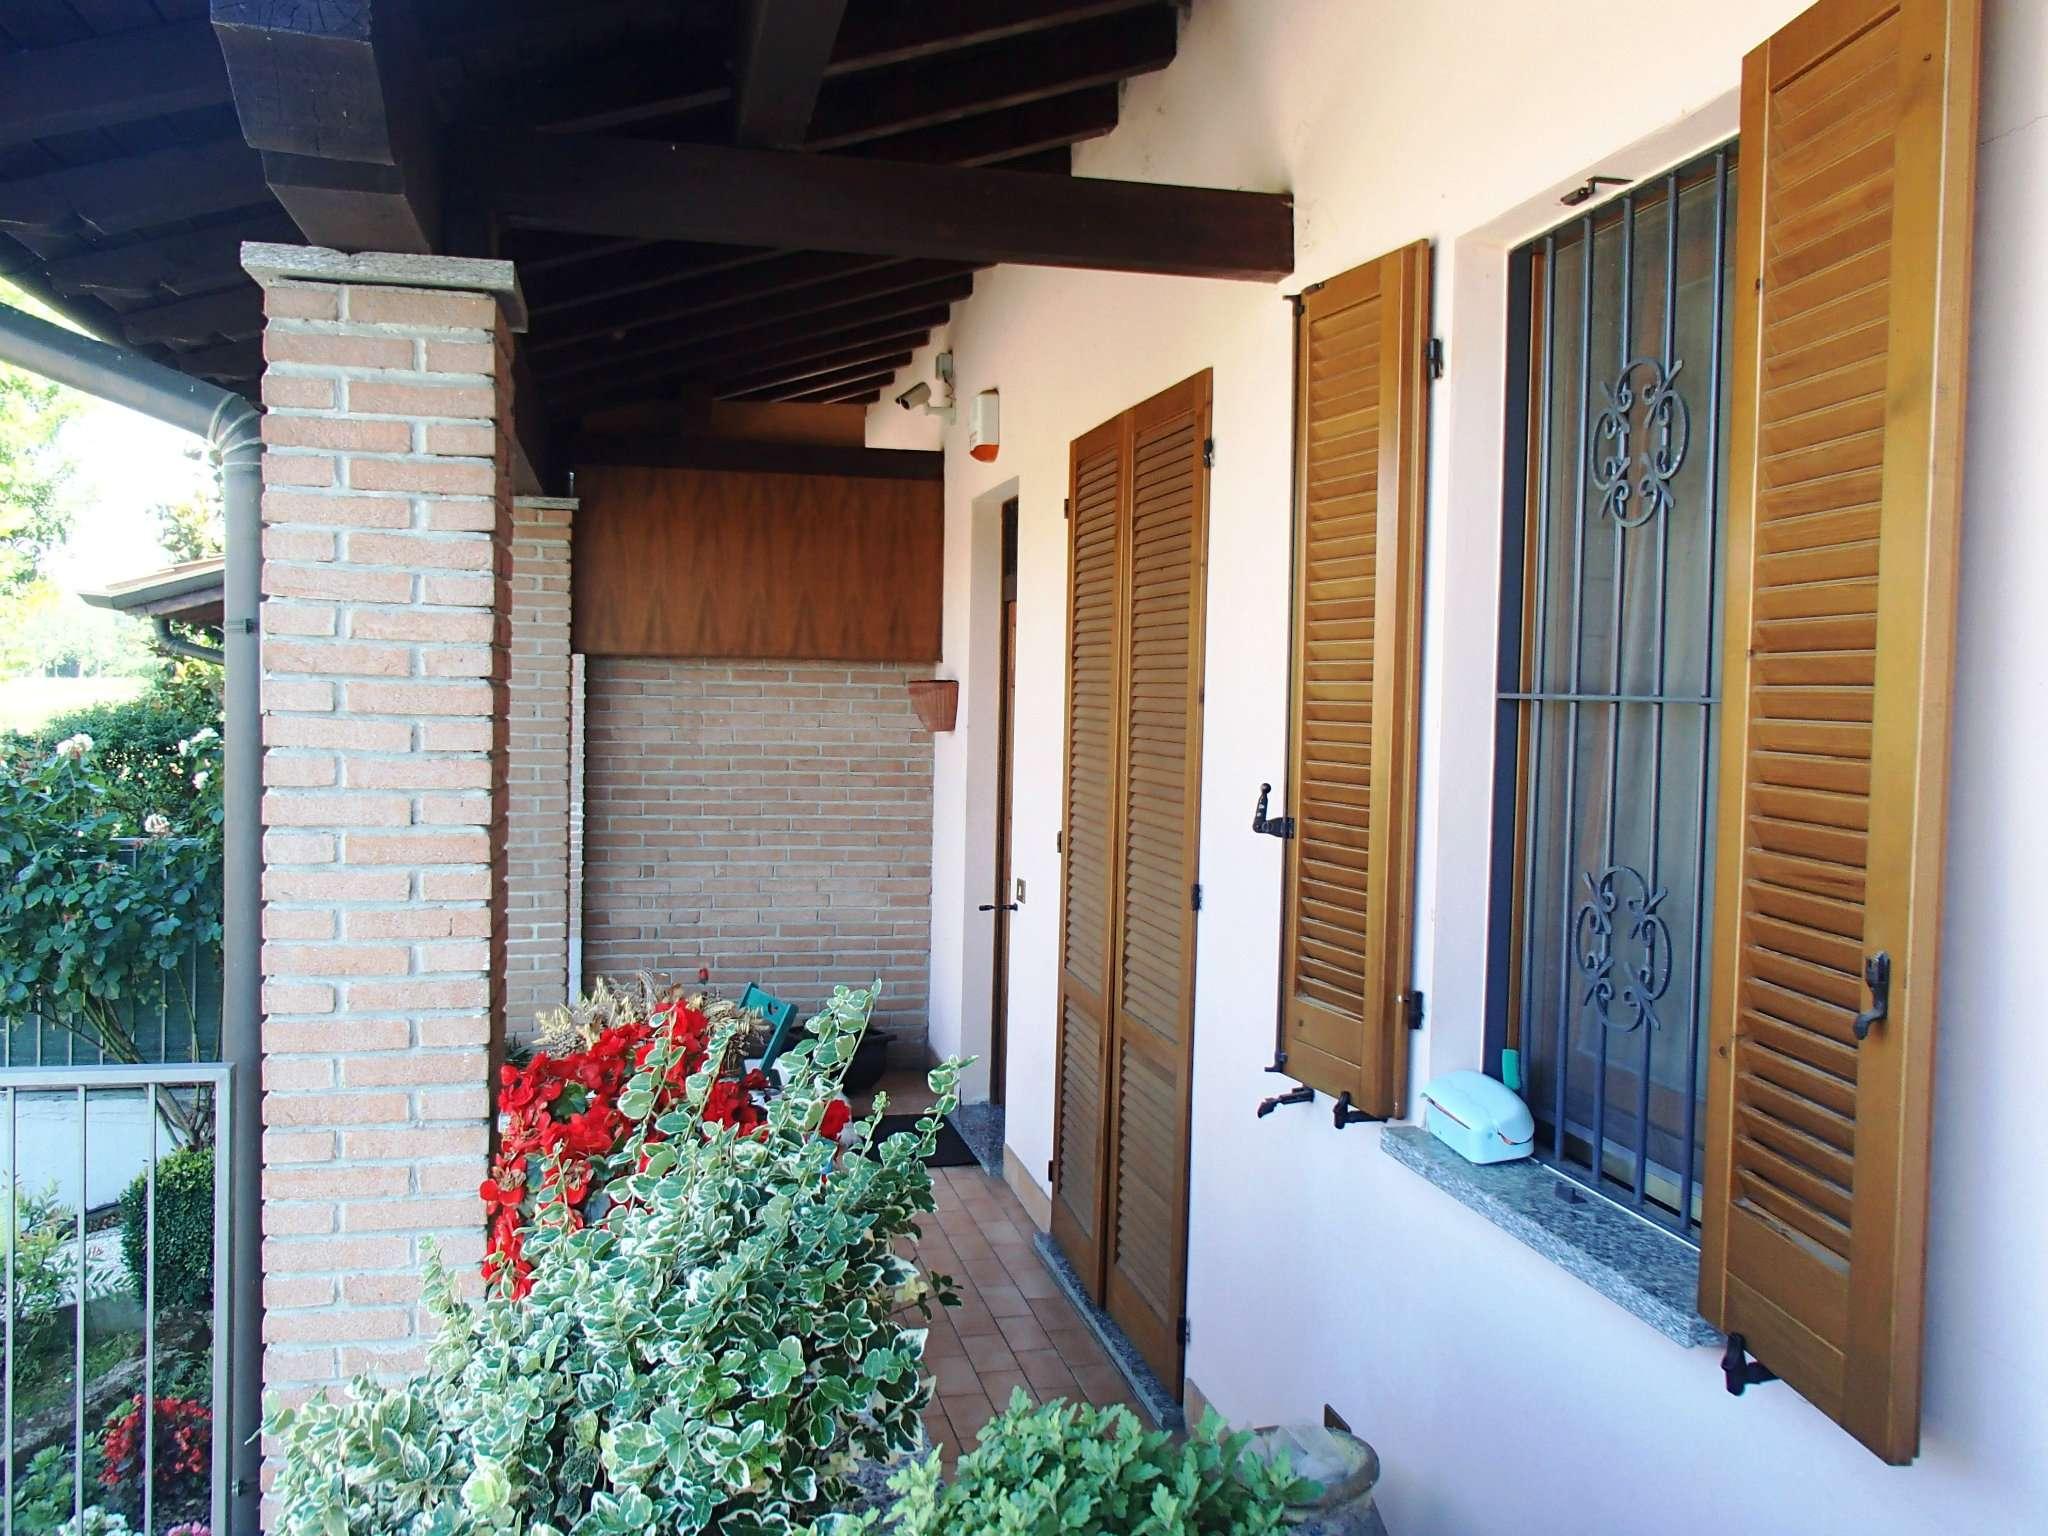 Villa in vendita a Marzano, 5 locali, prezzo € 180.000   CambioCasa.it